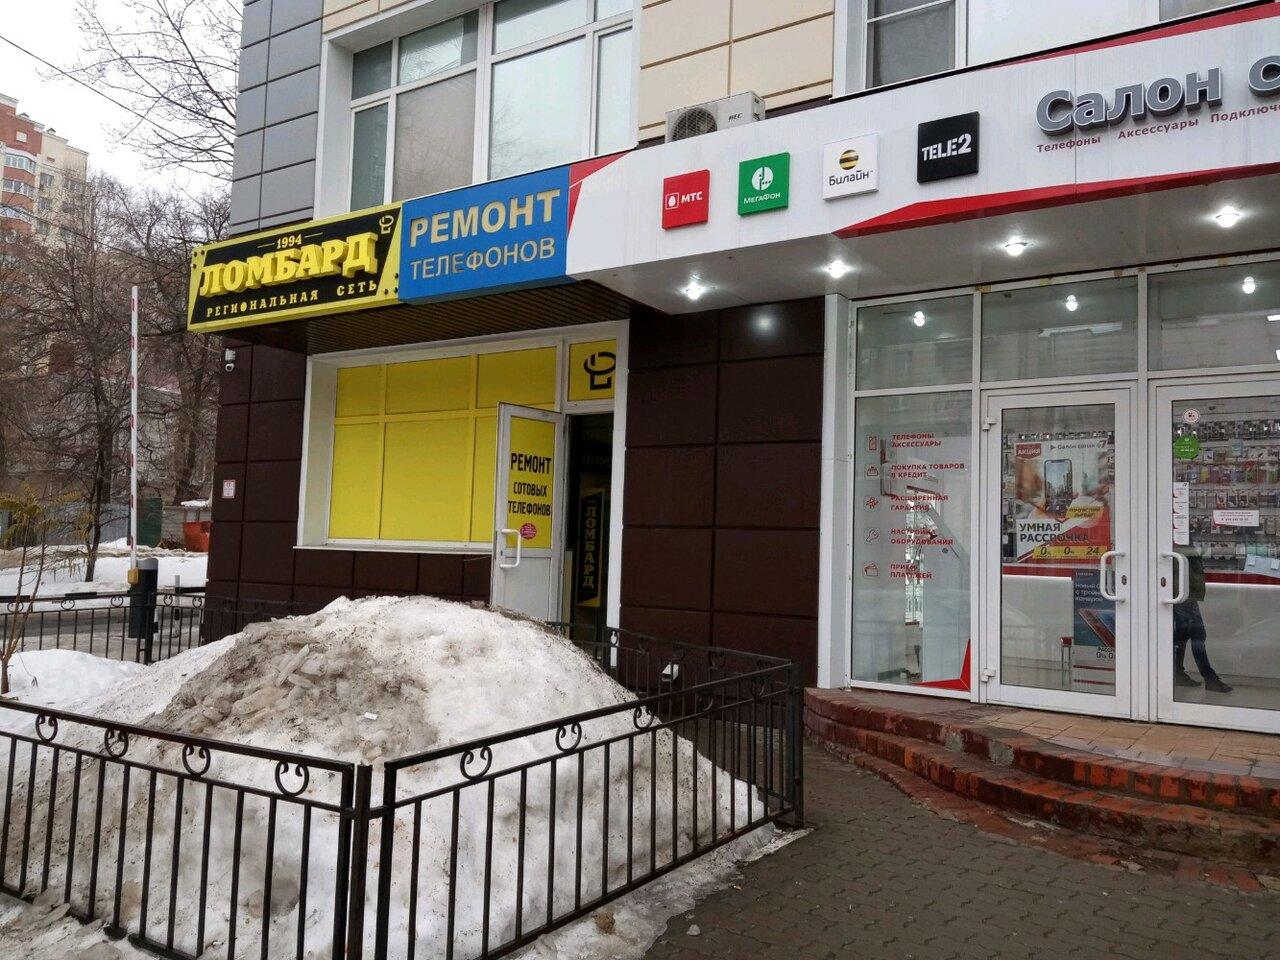 Адреса белгород ломбарды часов раменское скупка